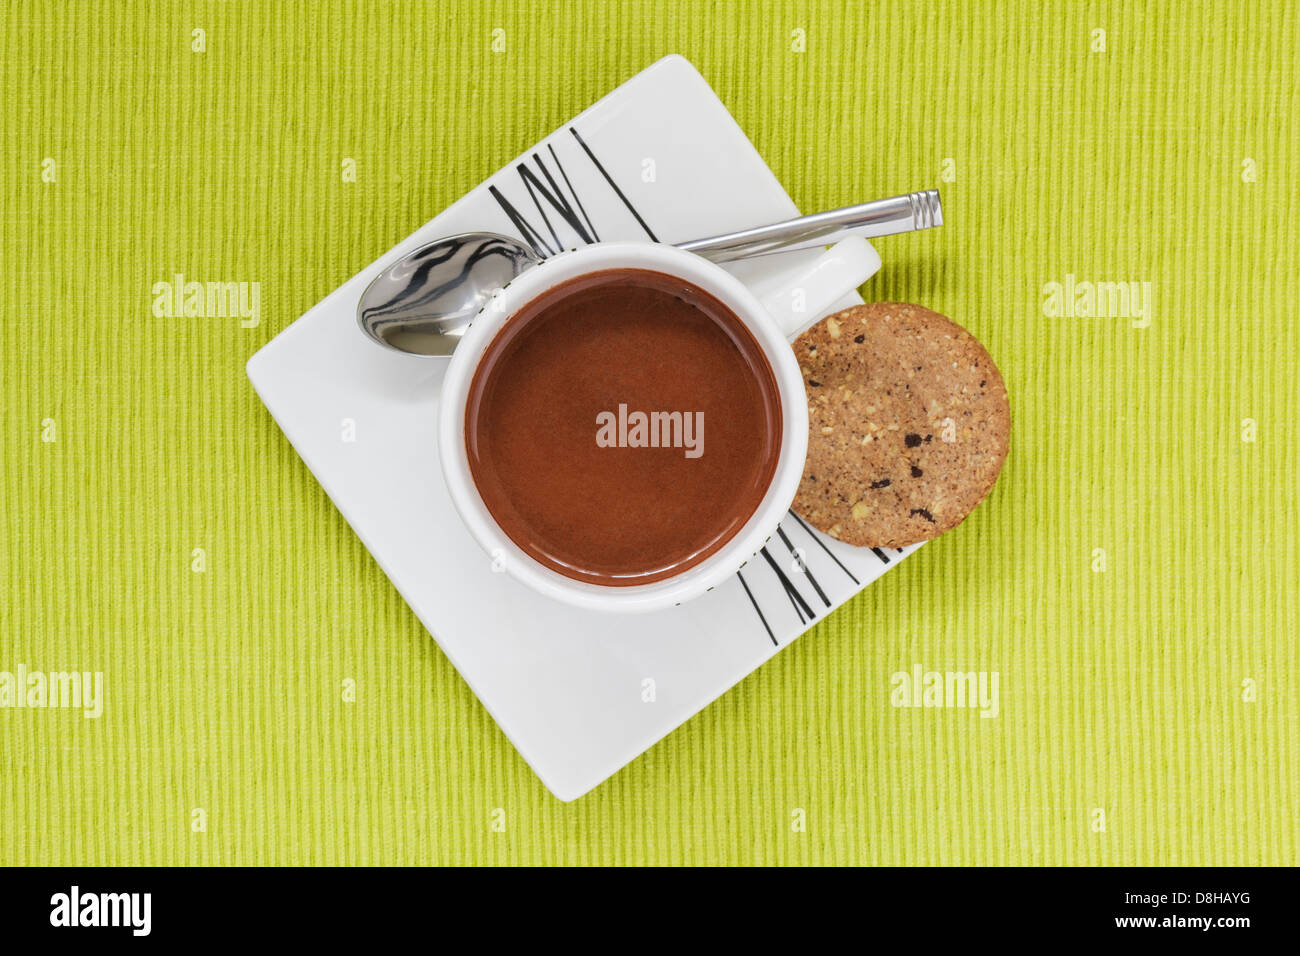 Boire un chocolat chaud dans la tasse et soucoupe blanc ,biscuit du dessus Photo Stock